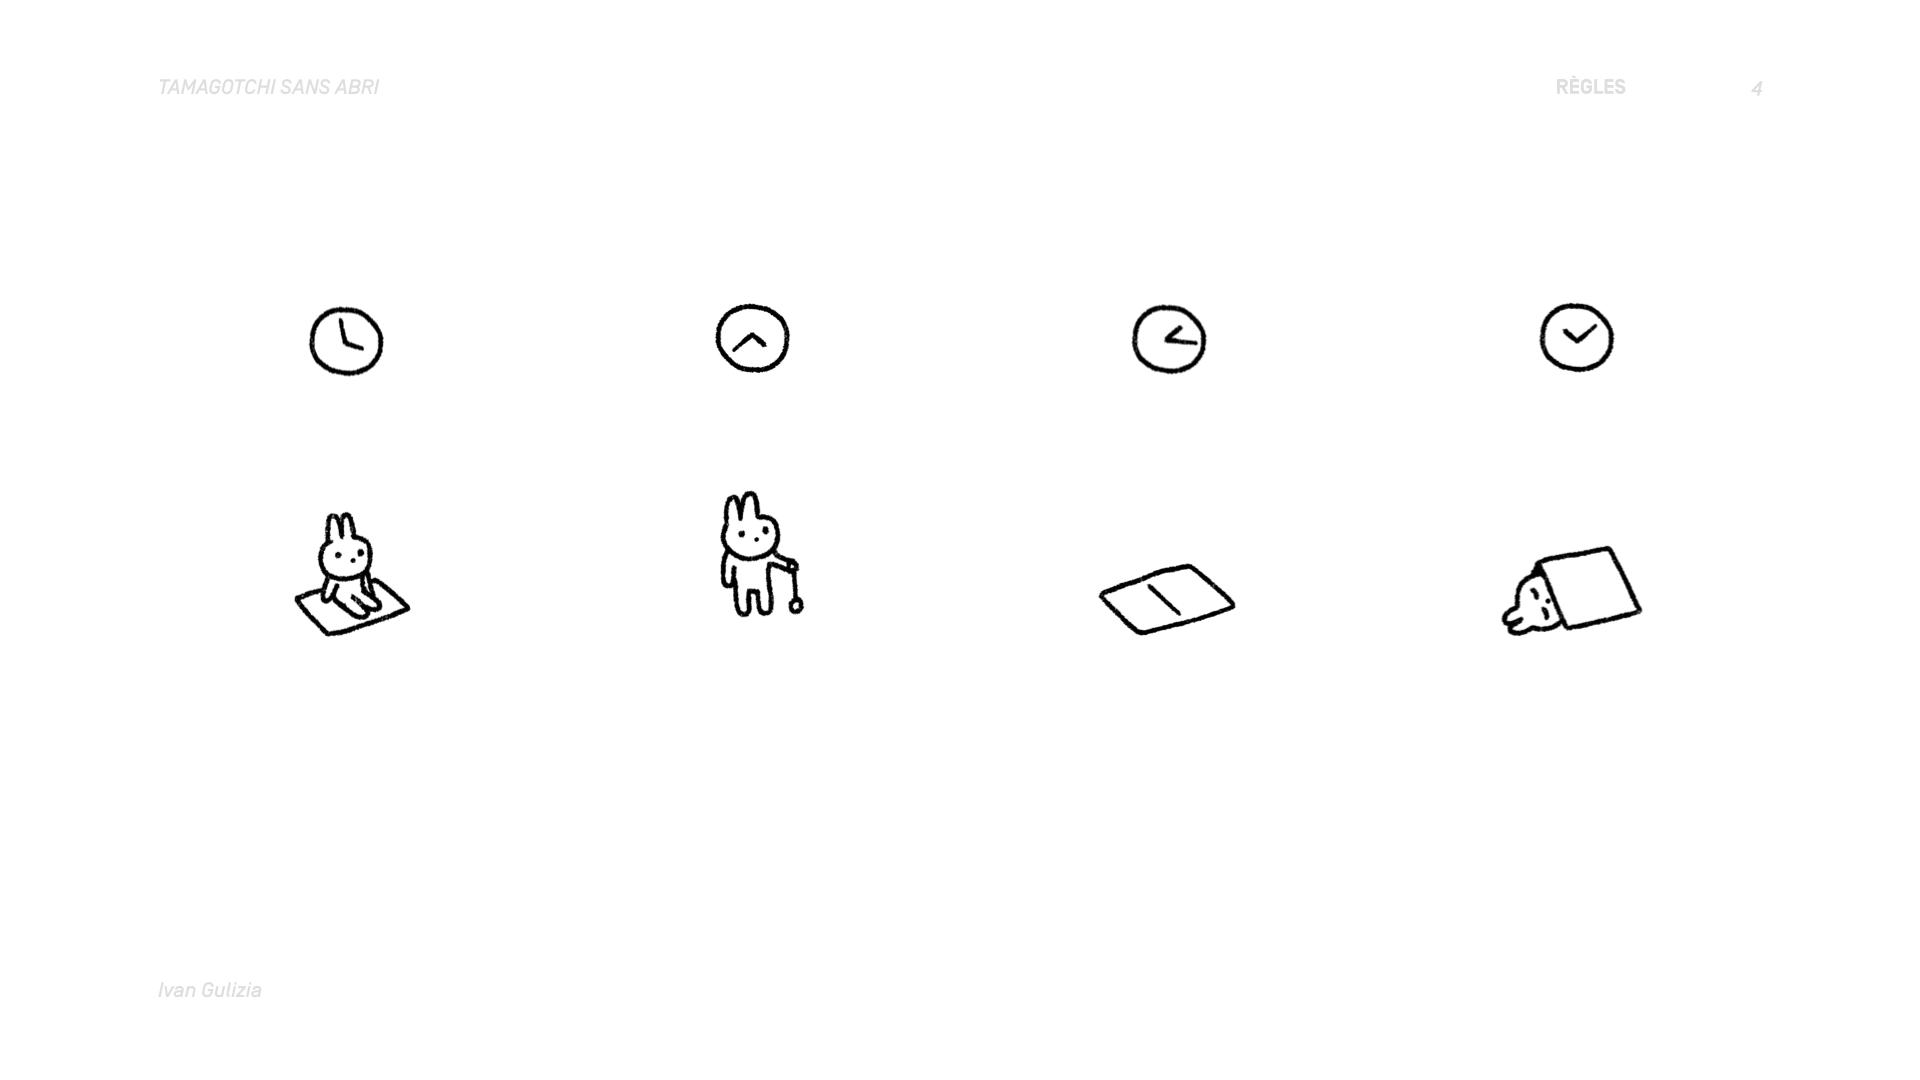 Tamagotchi Sans Abri.004.png